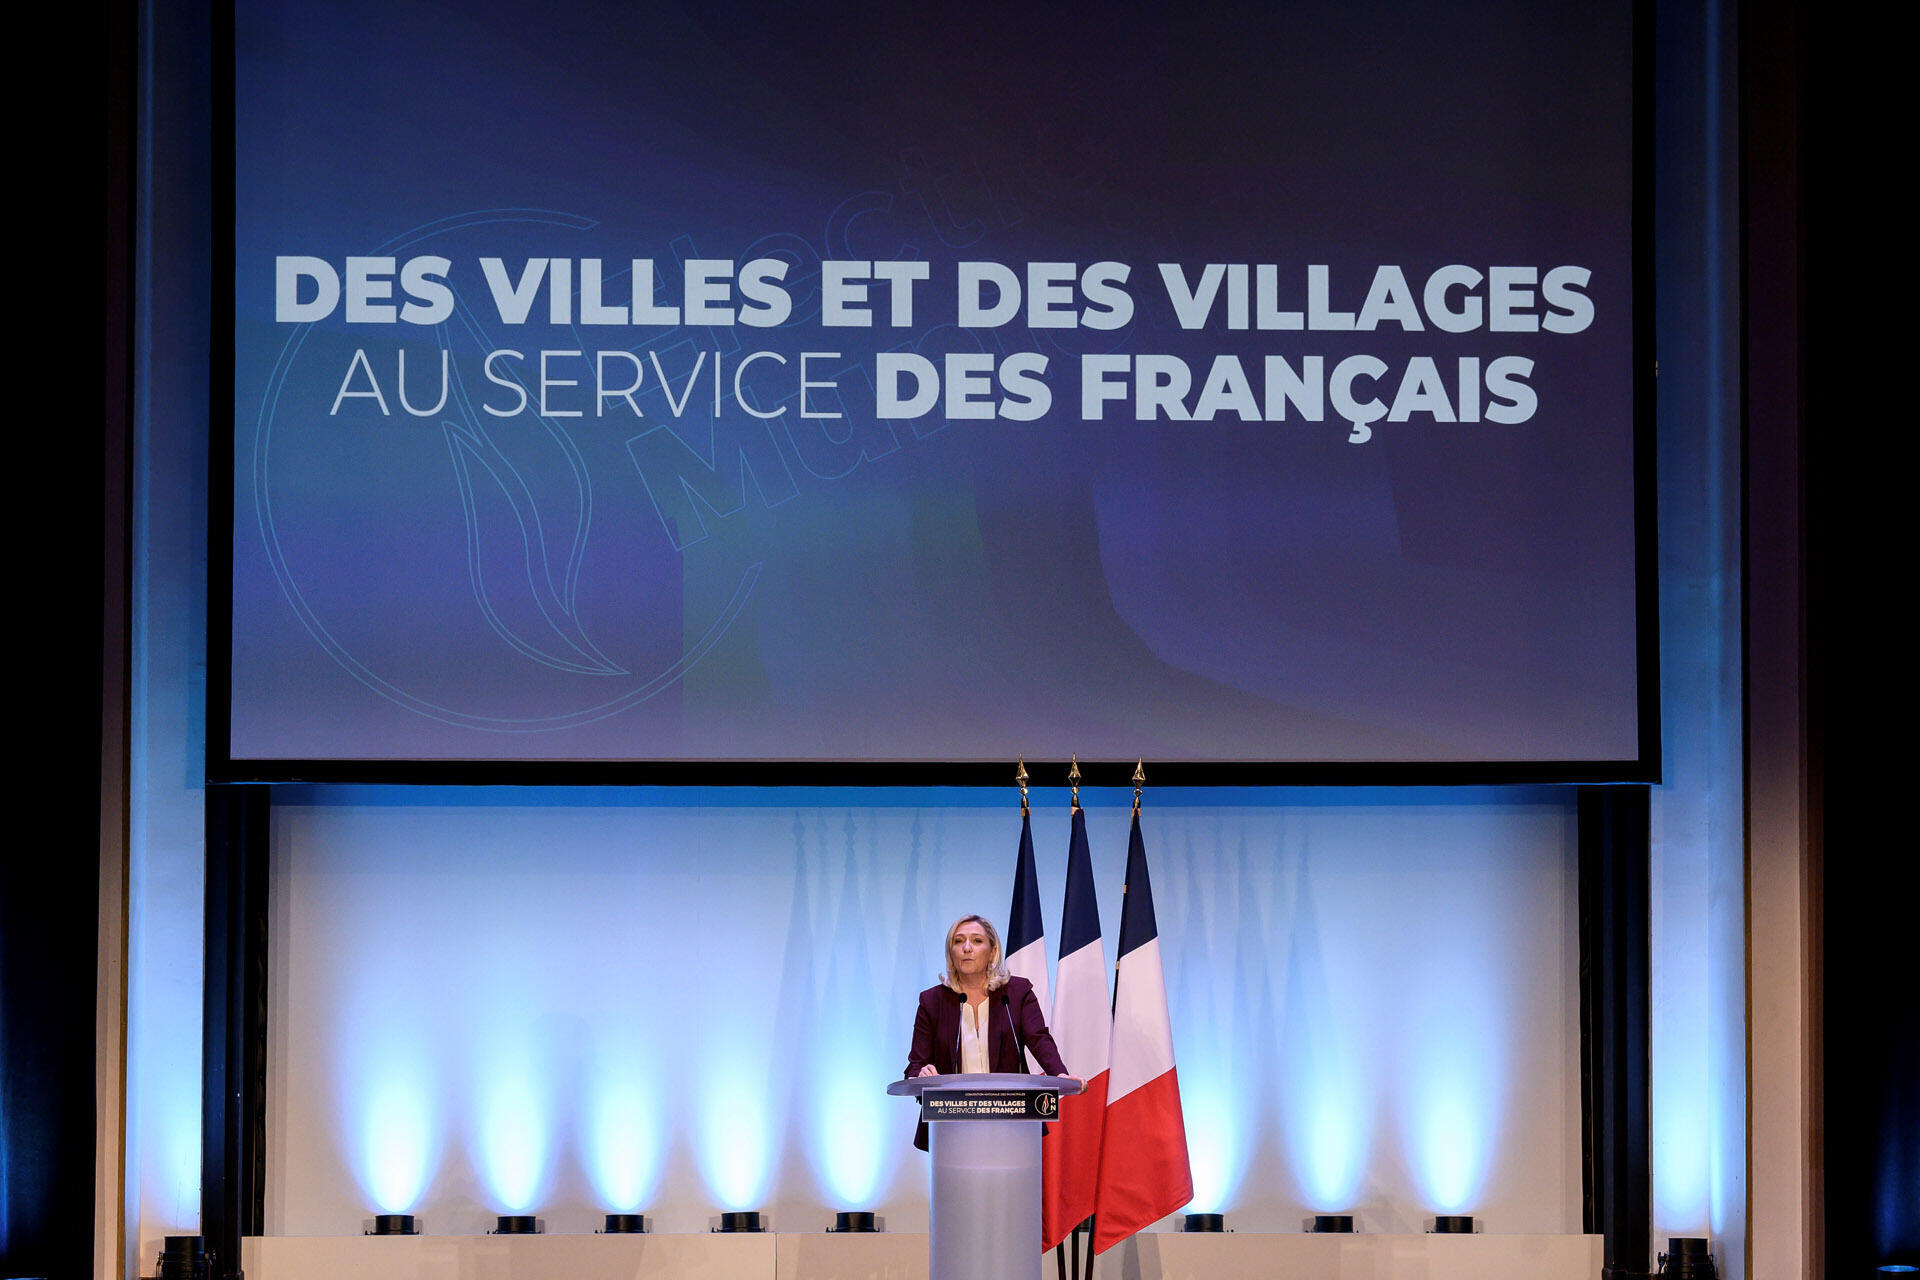 Marine Le Pen lance la campagne électorale des prochaines élections municipales de son parti, le Rassemblement national, à Paris le 12 janvier 2020.